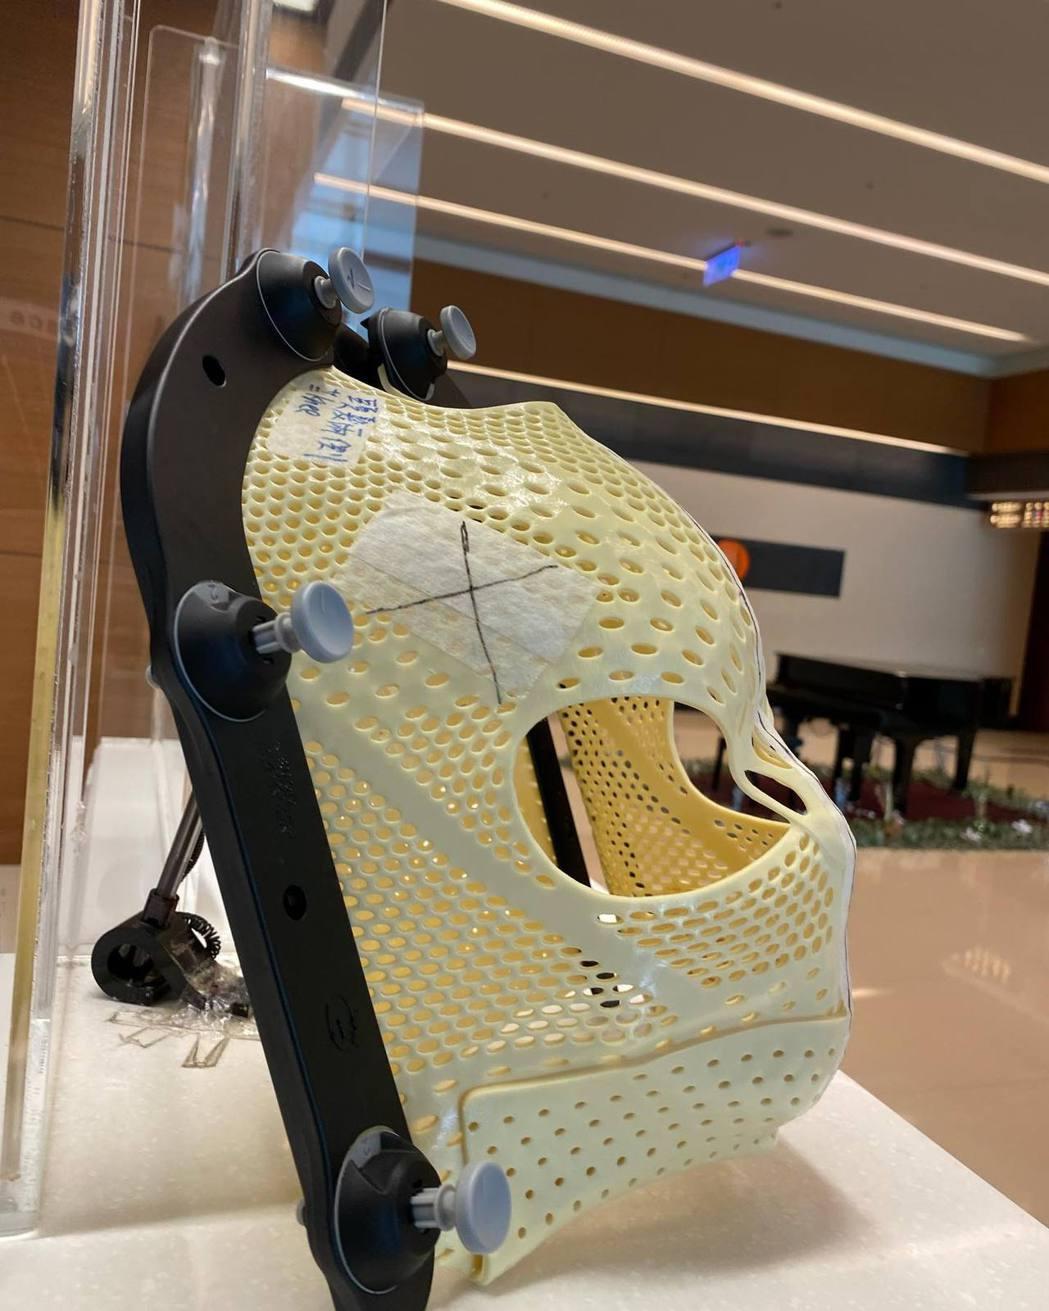 筱蕾治療時會使用到的面罩。圖/擷自臉書